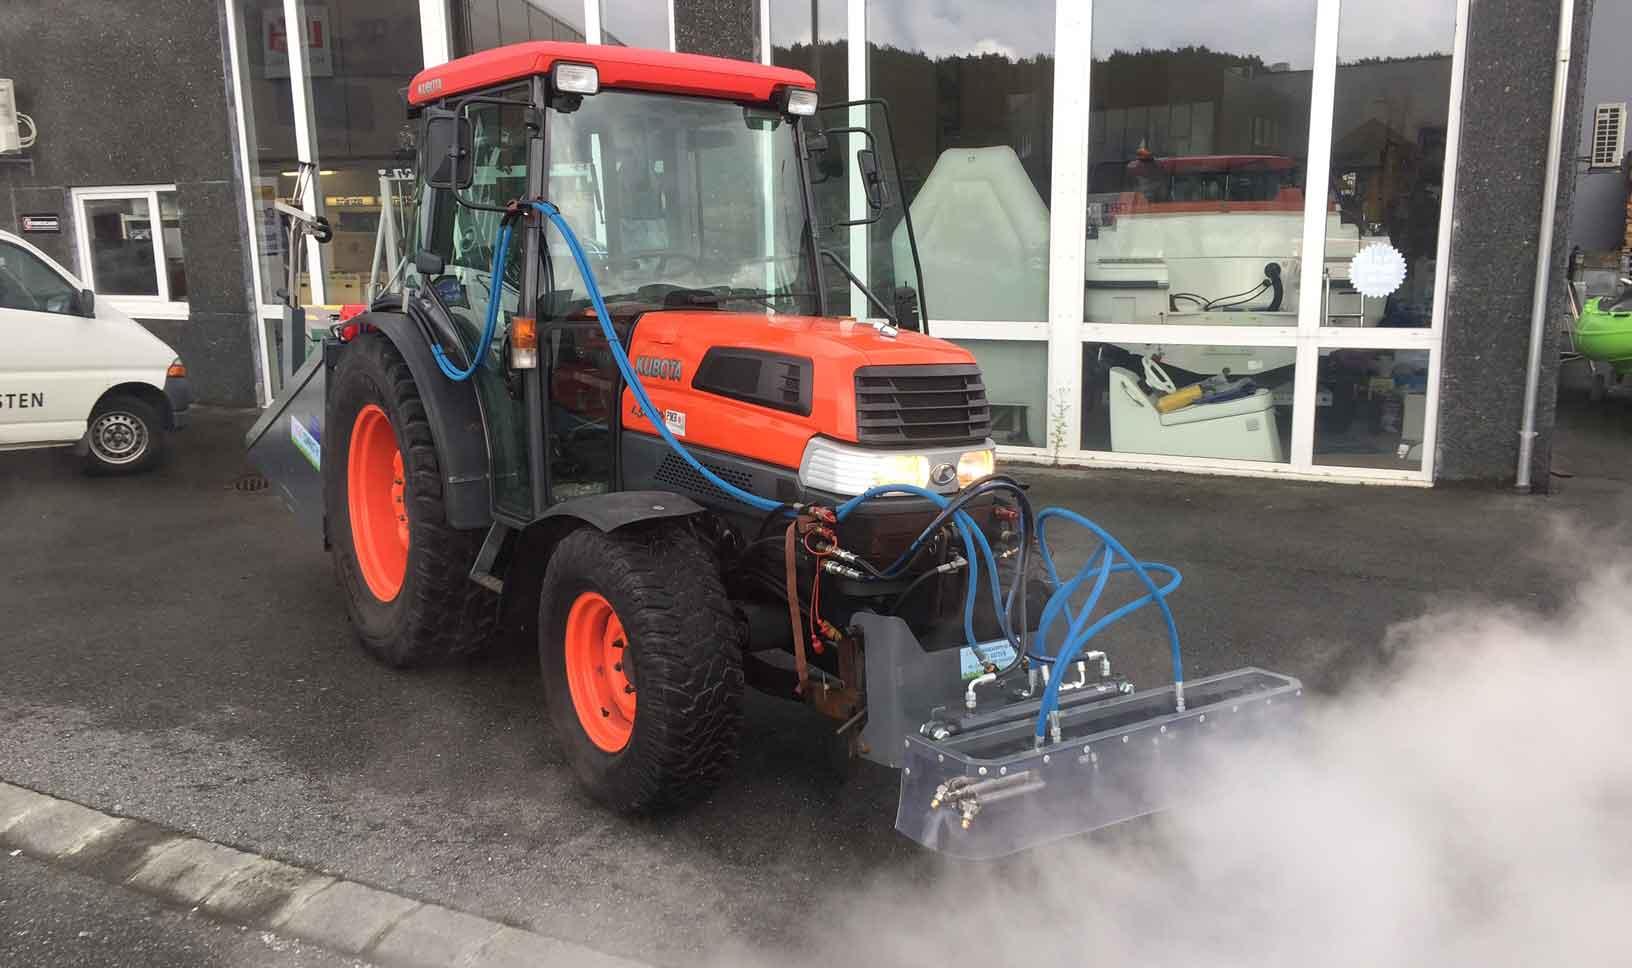 Montering bak på traktor med dysebom foran.